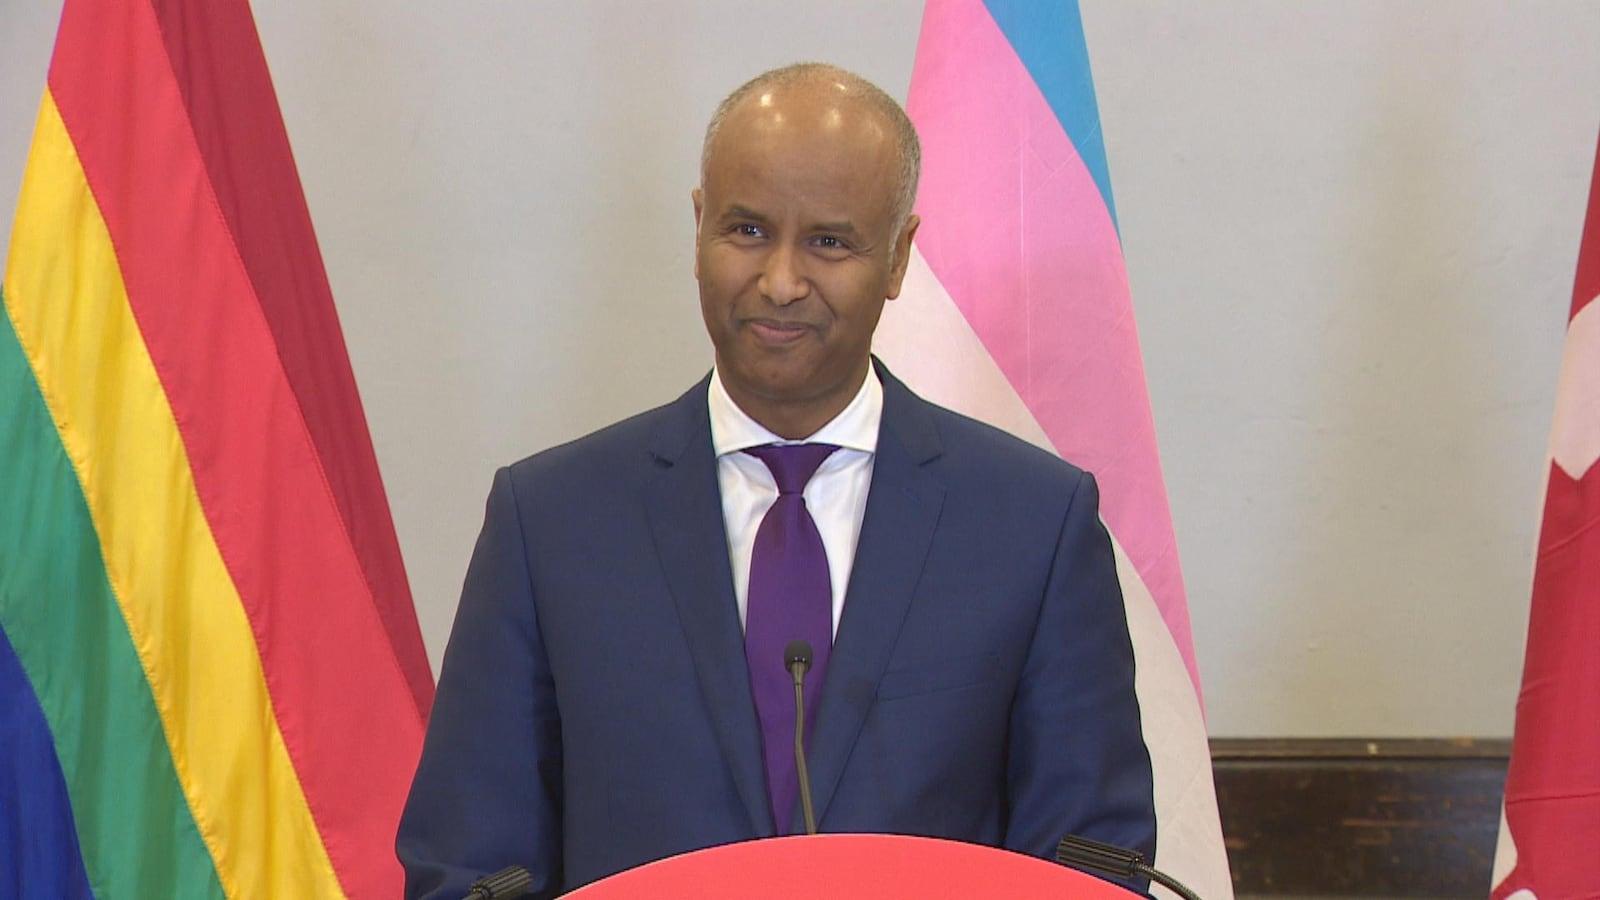 Le ministre Ahmed Hussen parle devant une tribune avec des drapeaux des communautés LGBTQ+ derrière lui.